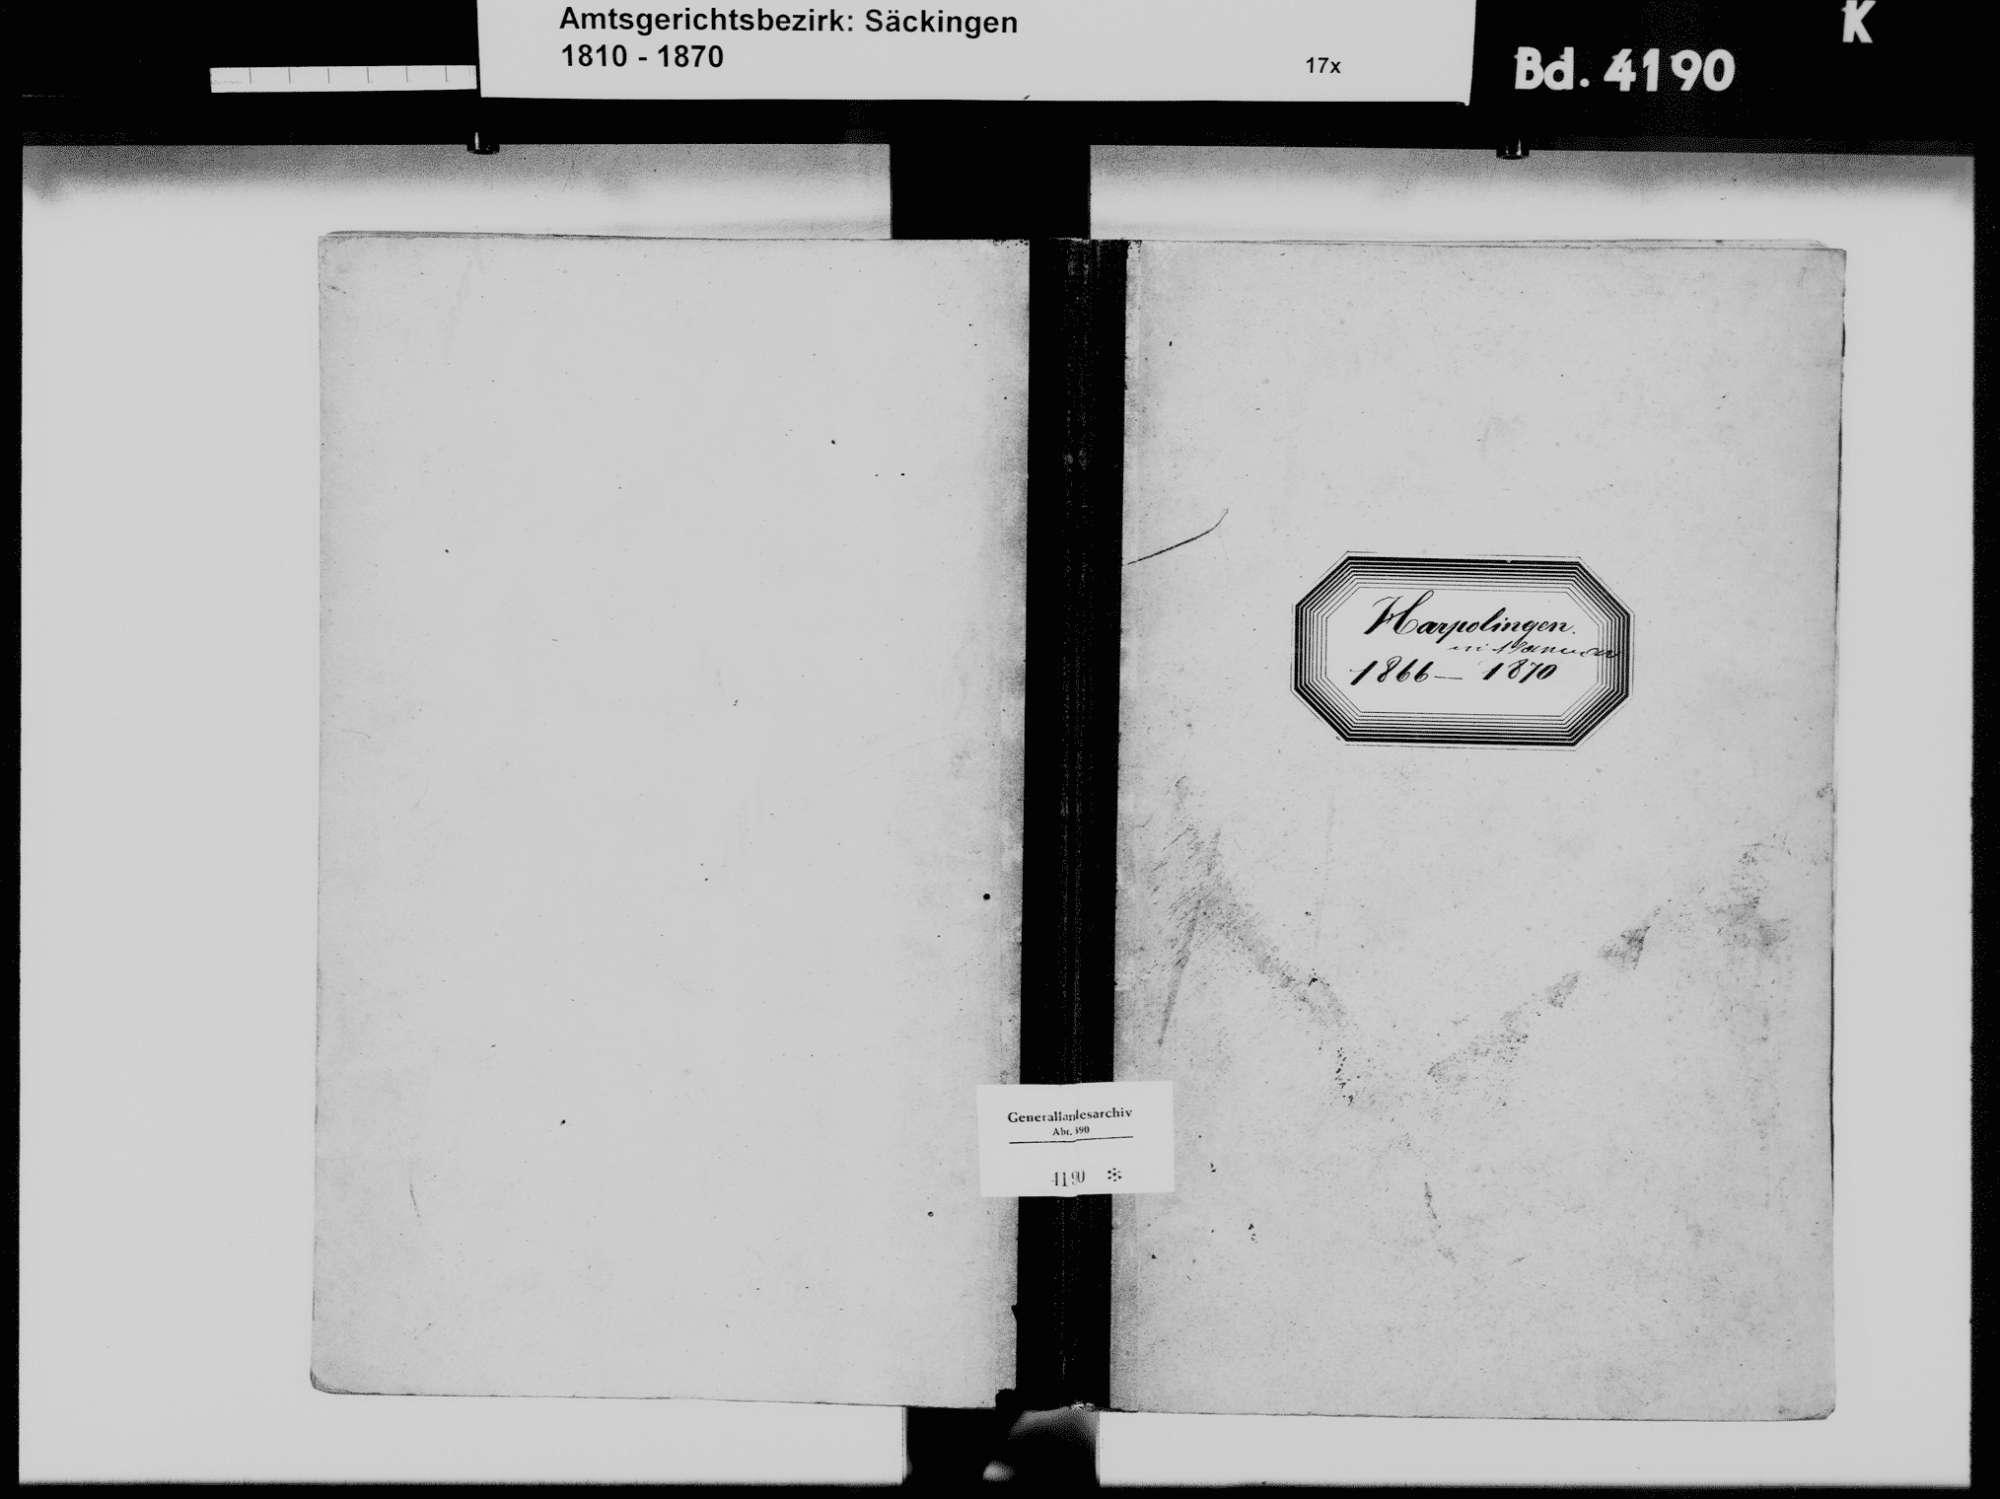 Harpolingen, Bad Säckingen WT; Katholische Gemeinde: Geburtenbuch 1866-1870, Bild 2